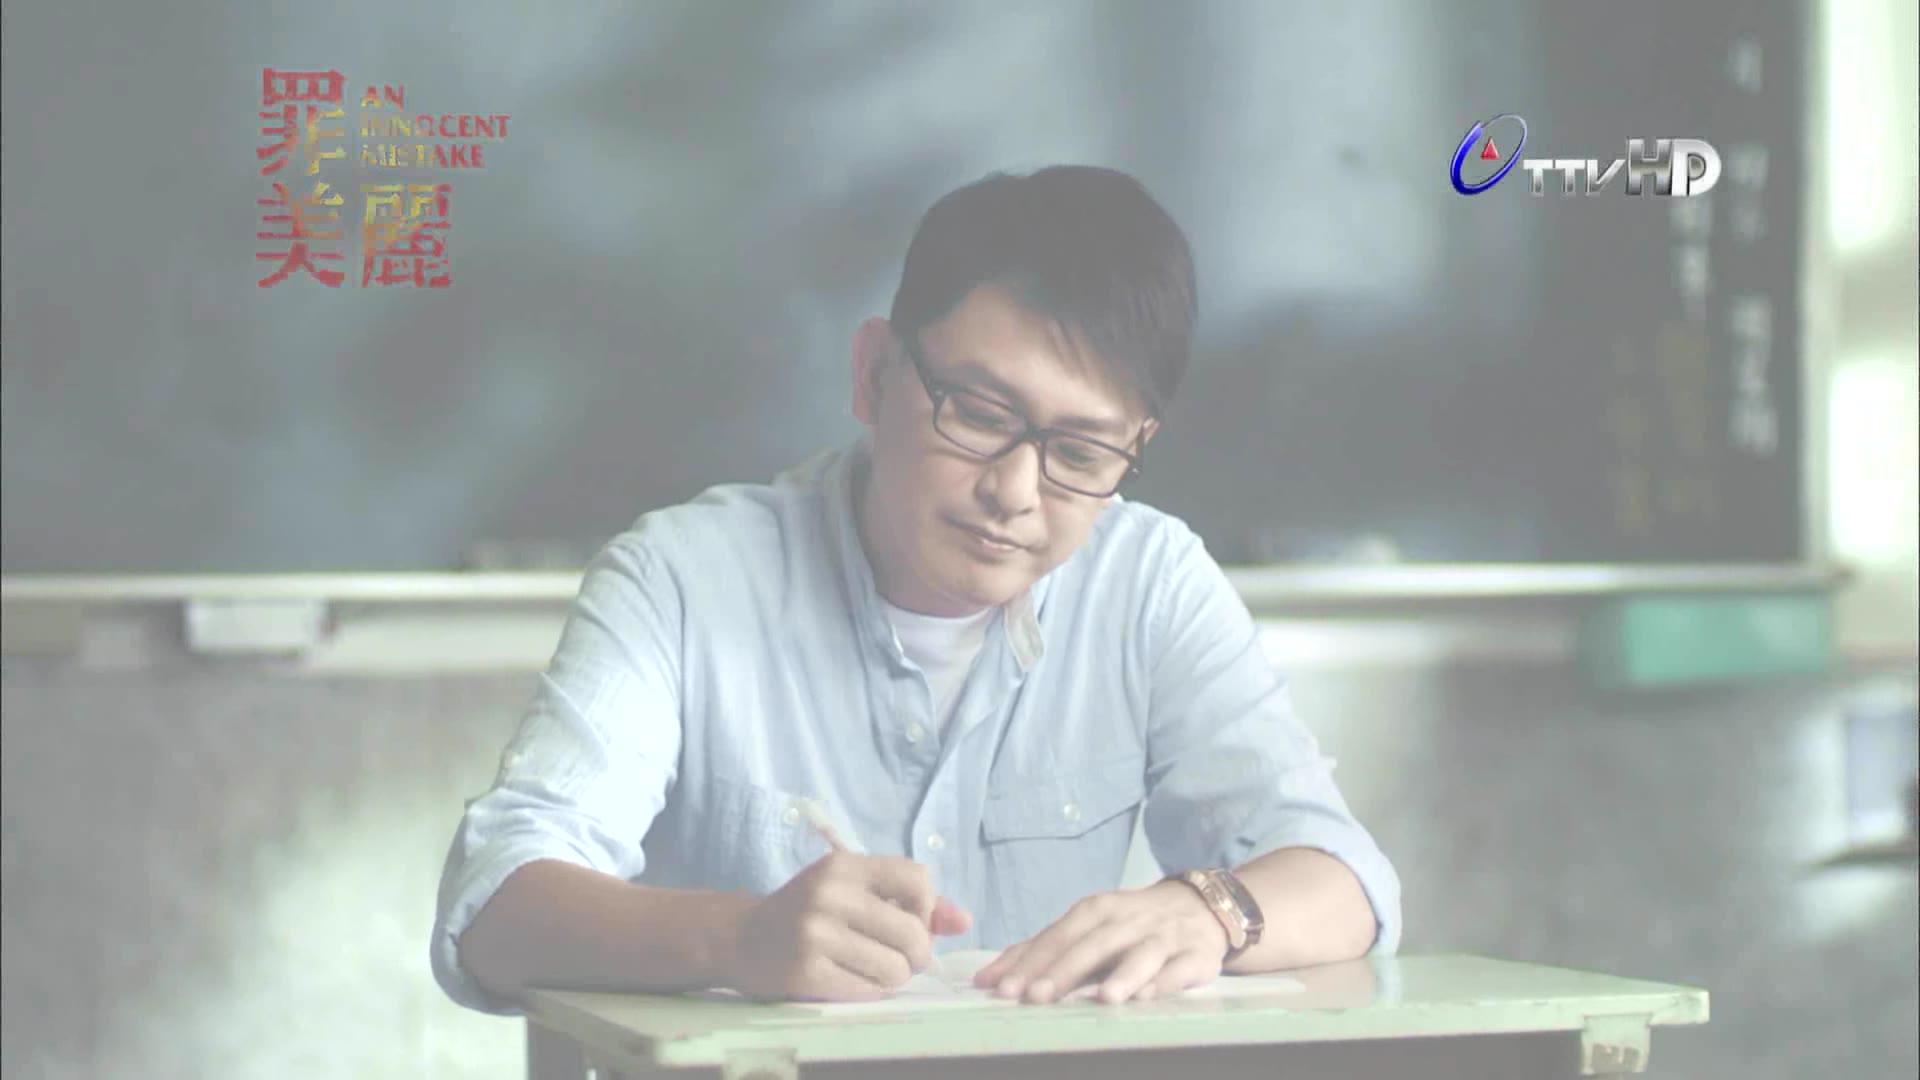 Official Trailer: Zheng Da Shan: An Innocent Mistake